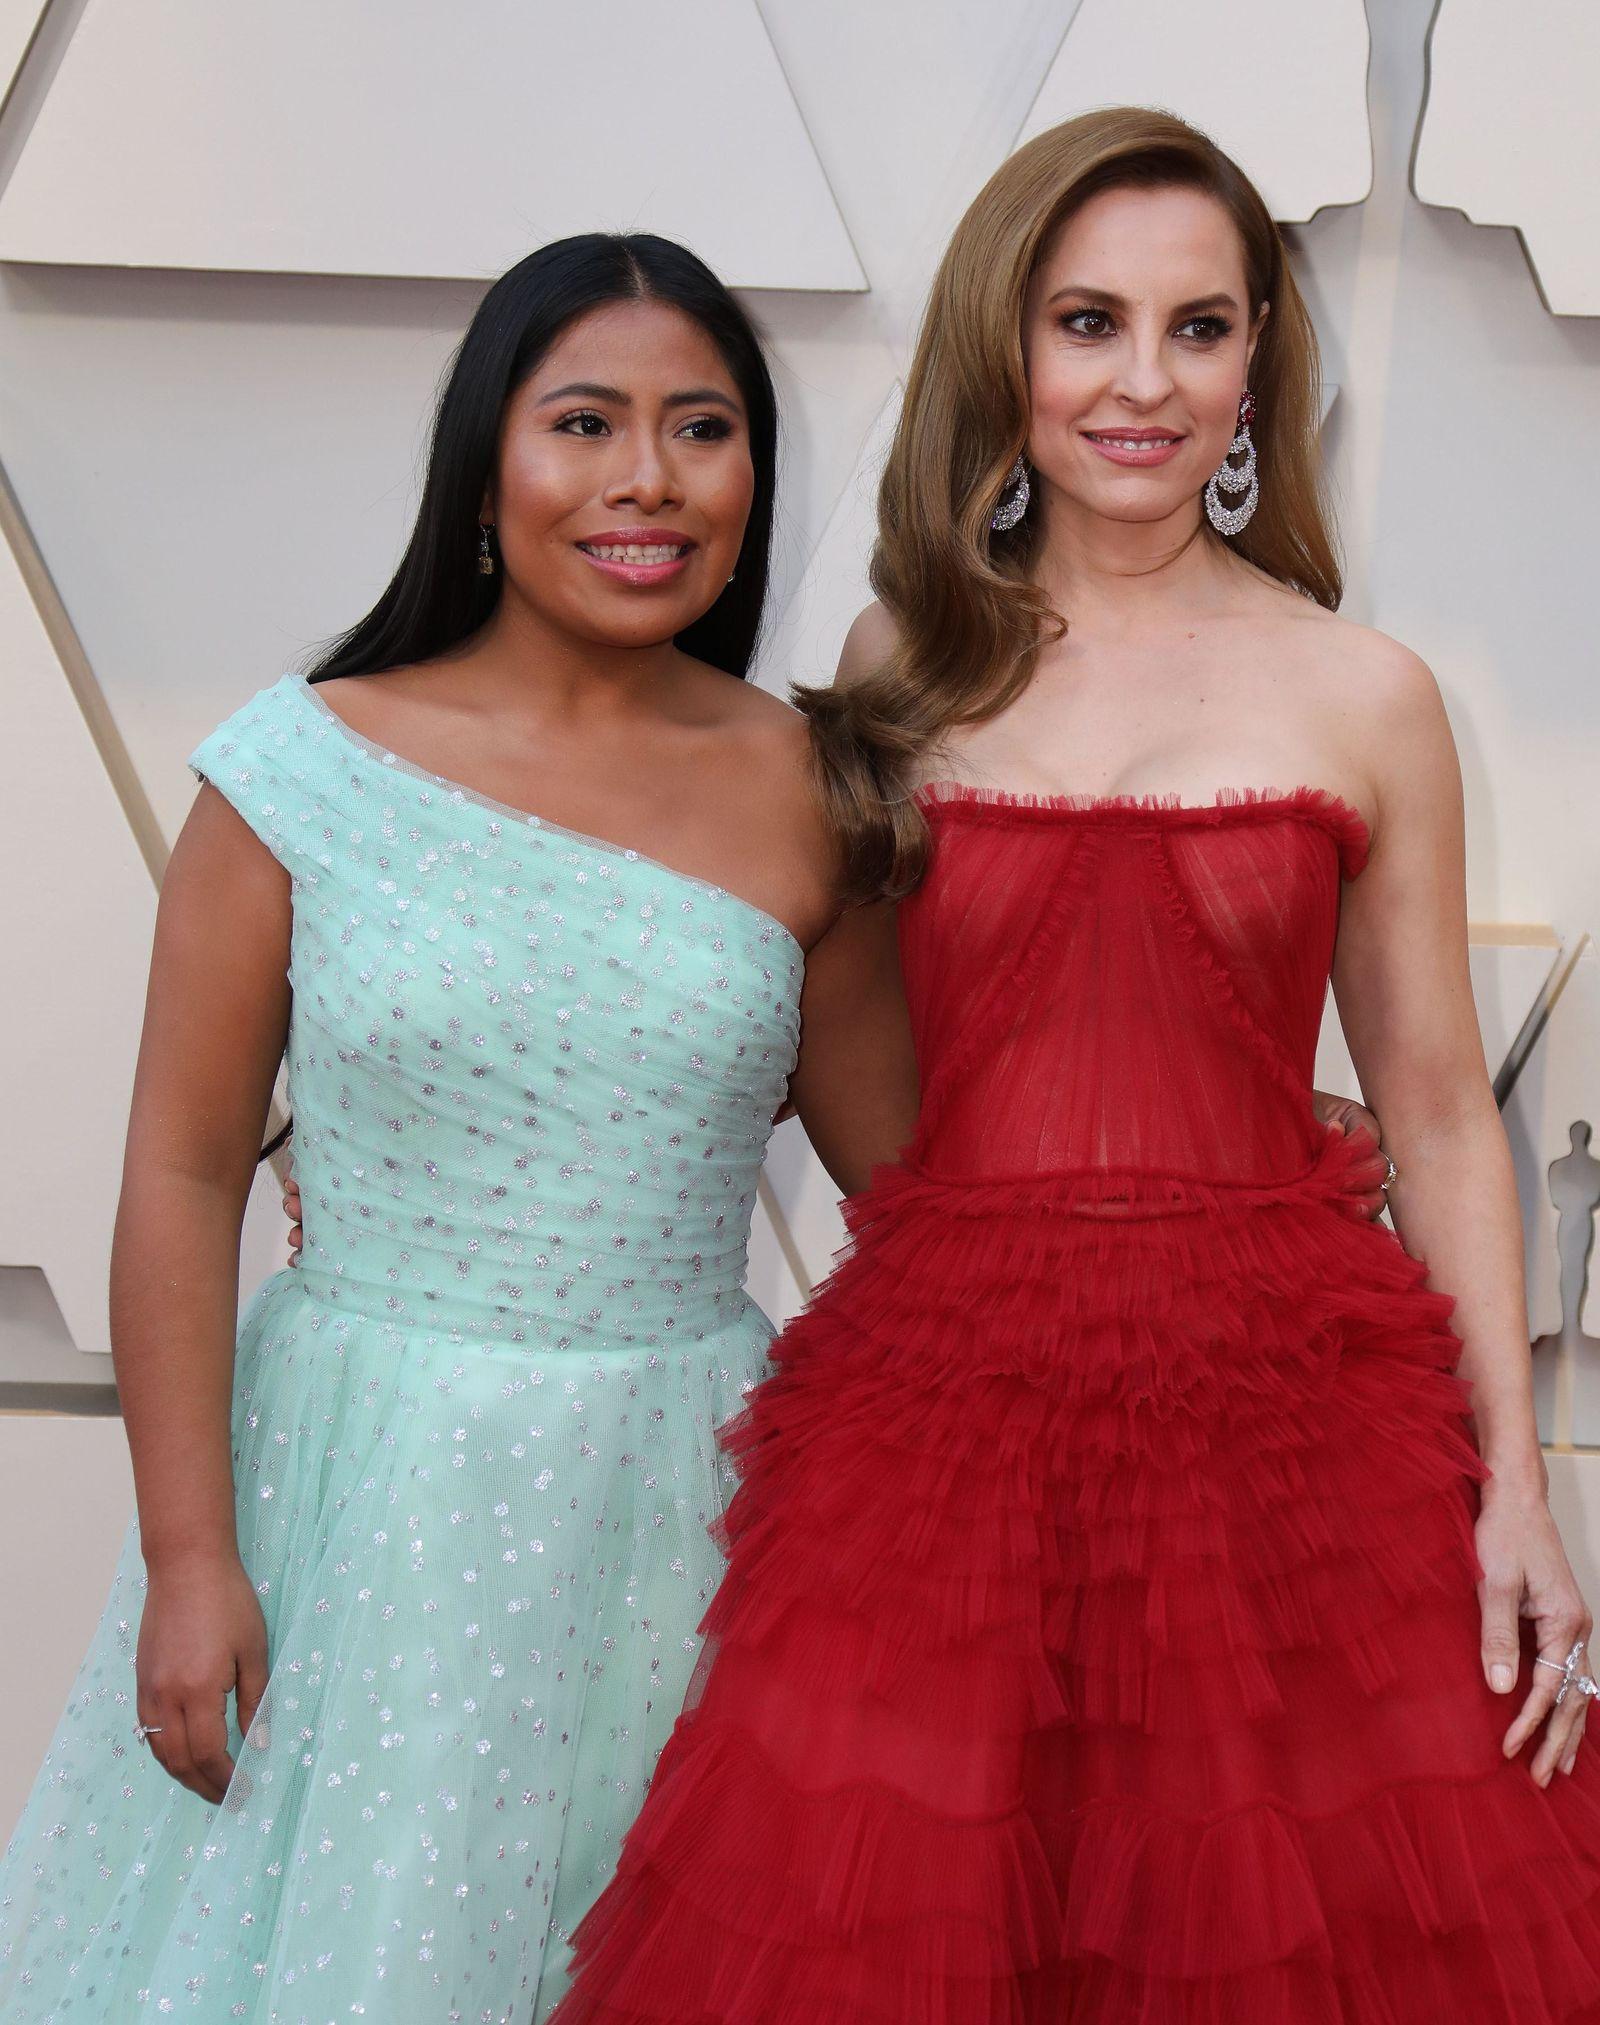 Las actrices mexicanas Yalitza Aparicio y Marina de Tavira posan su llegada a la alfombra roja de los Premios Óscar.